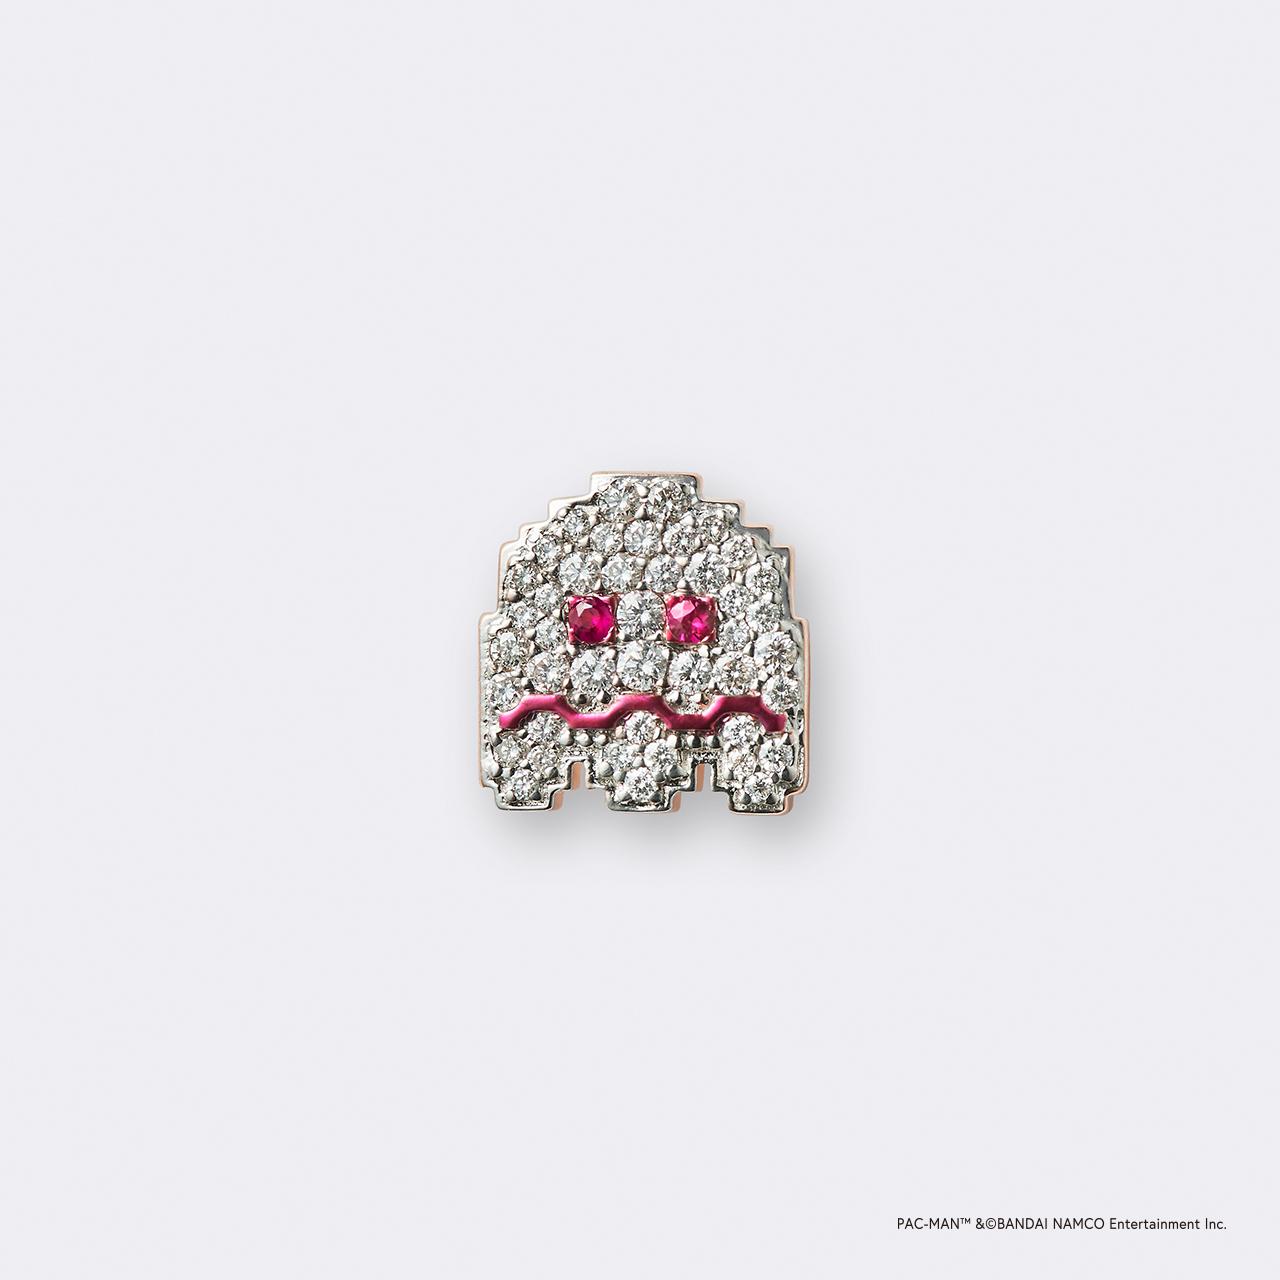 PAC-MAN  (パックマン) K18PG・ホワイトイジケゴースト ルビー ダイヤモンドピンバッジ